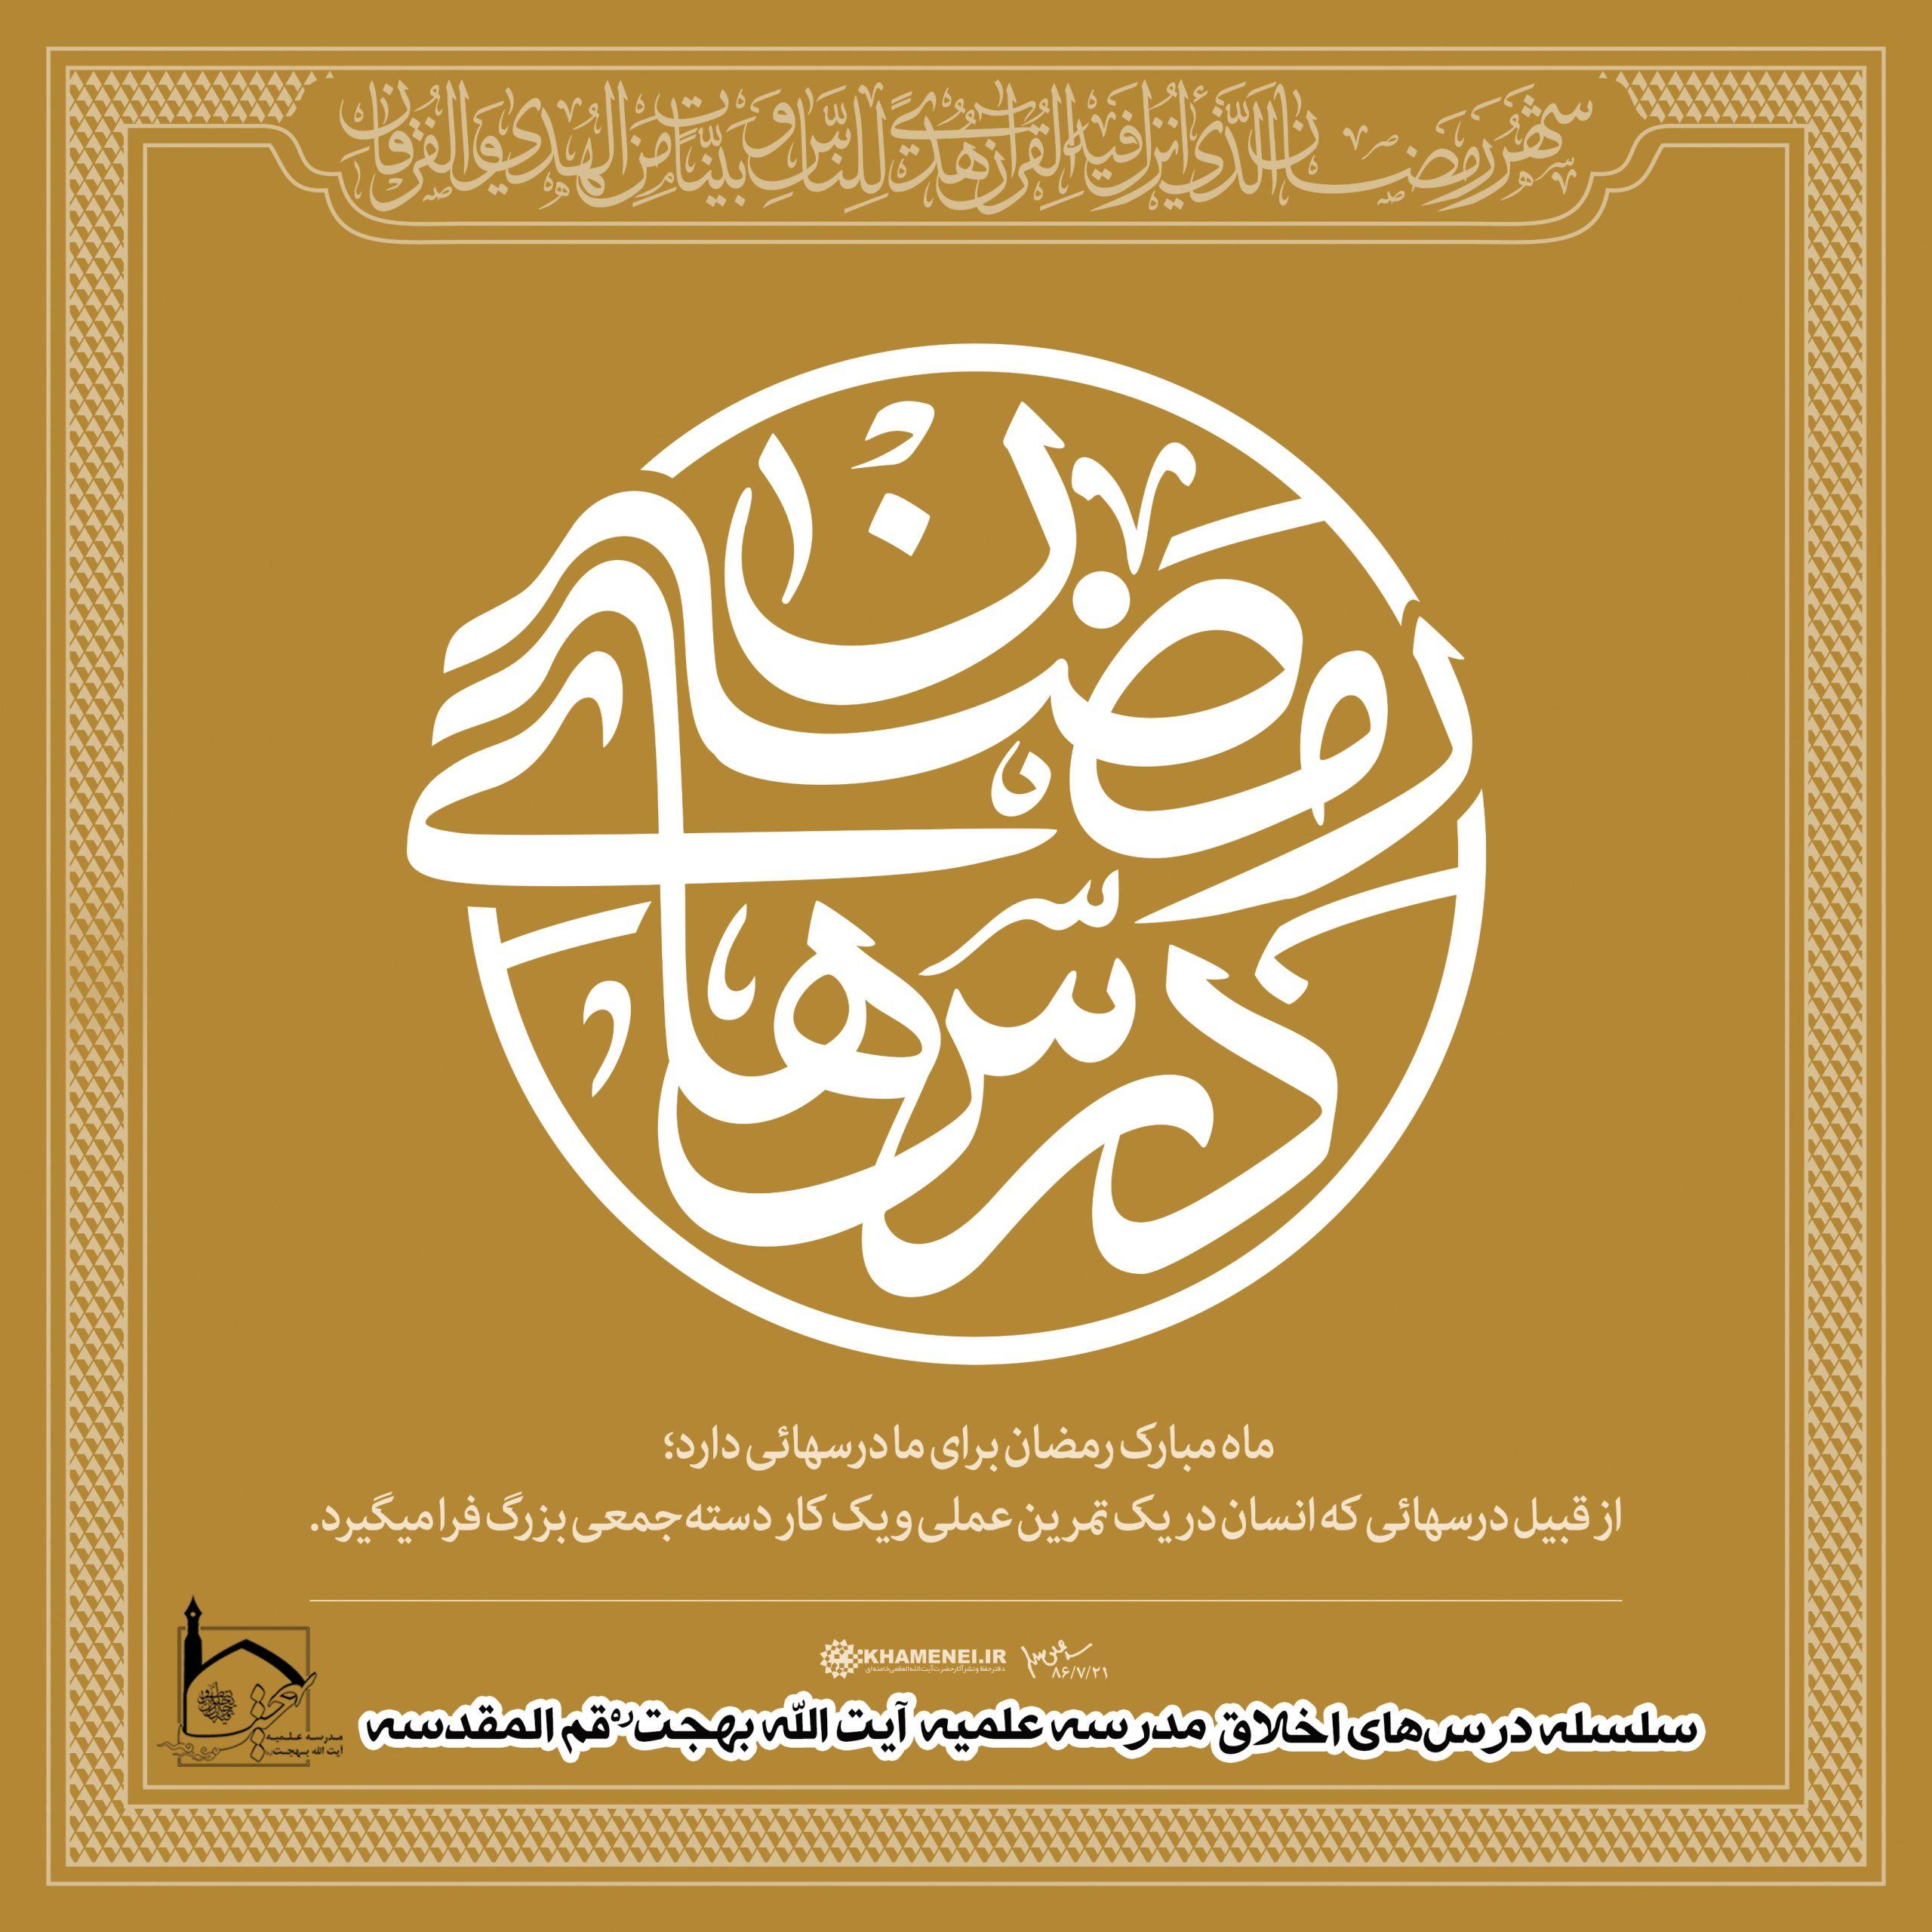 """فرا رسیدن """"ماه مبارک رمضان"""" ماه رحمت، برکت و مغفرت مبارکباد."""